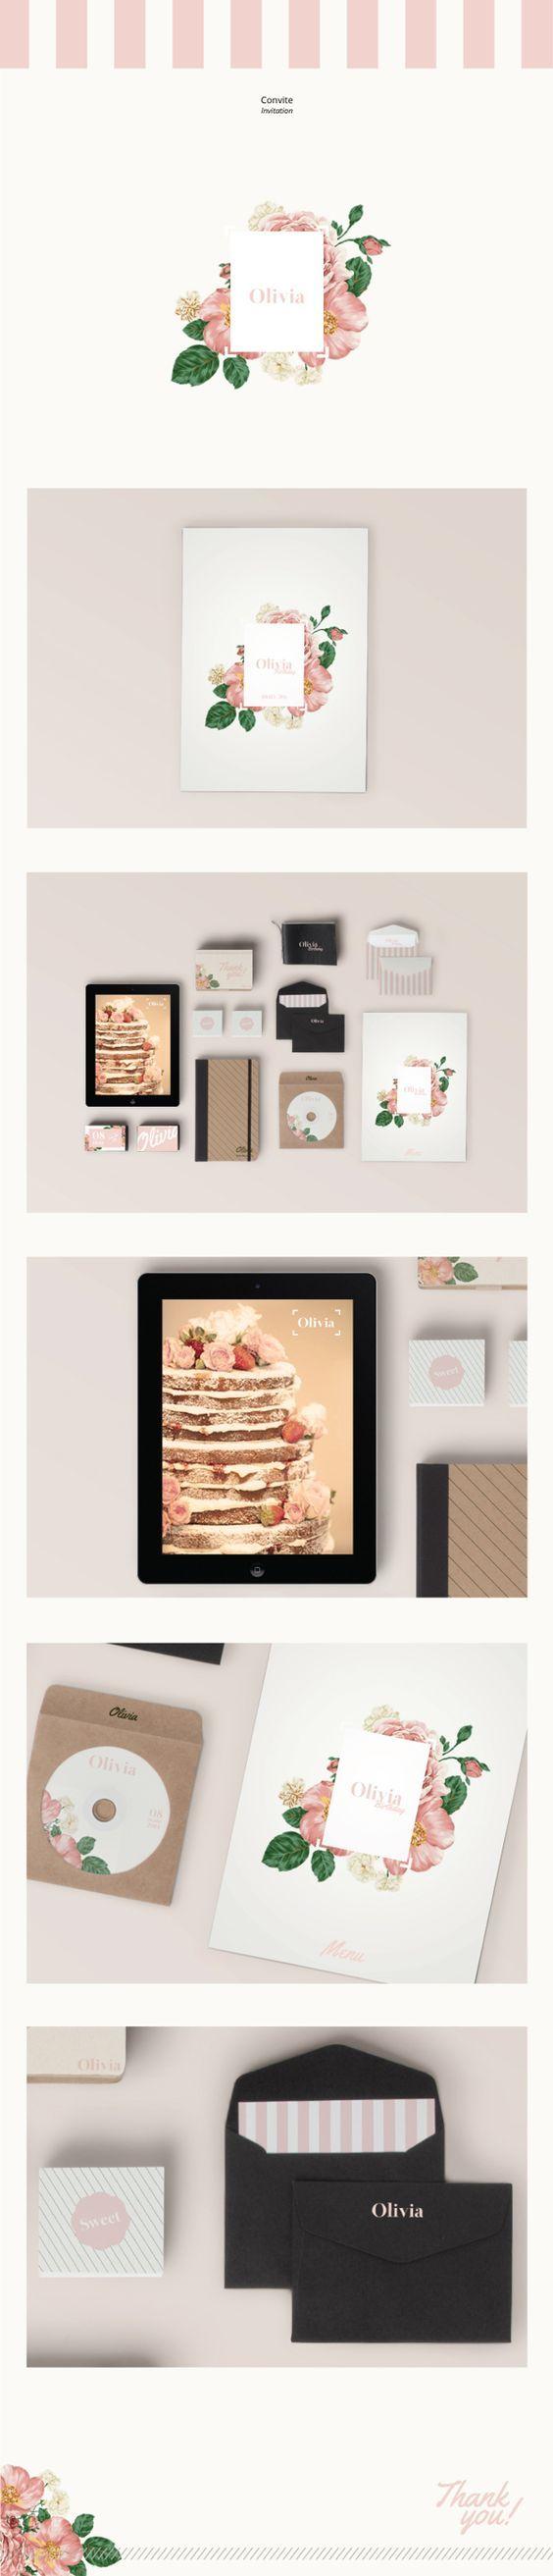 Olivia Branding on Behance | Fivestar Branding – Design and Branding Agency & Inspiration Gallery